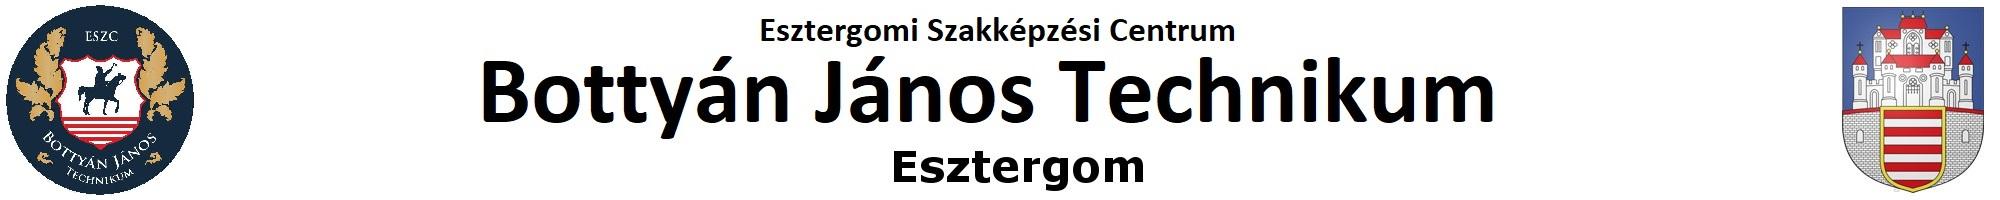 ESZC Bottyán János Technikum